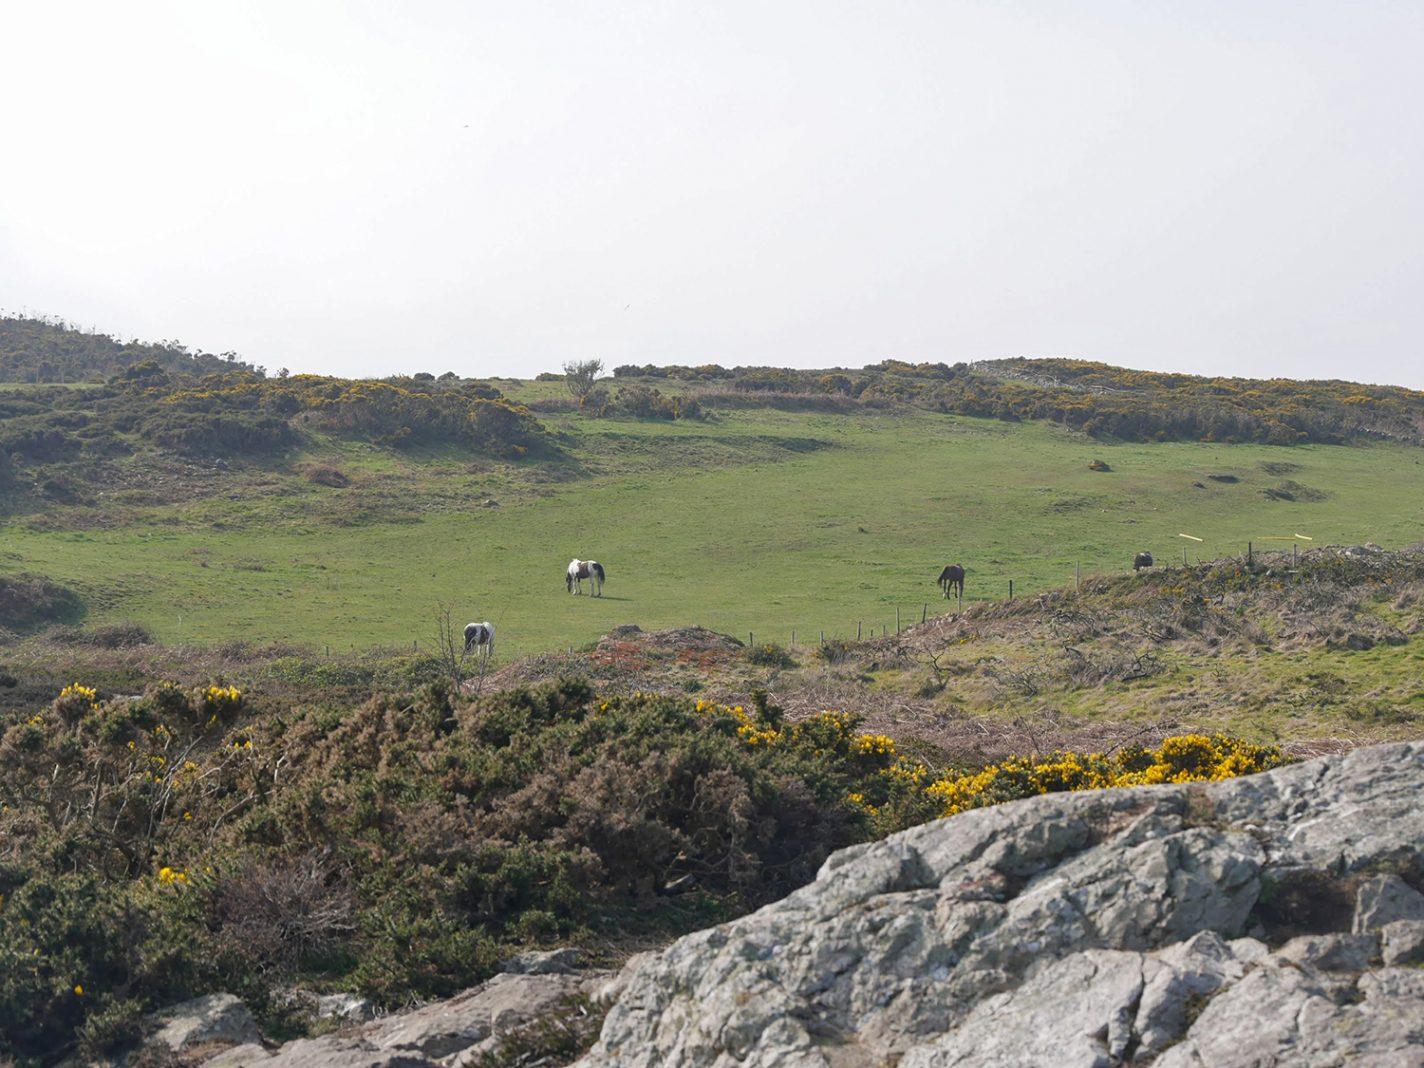 Een gevarieerd landschap, met ook paarden